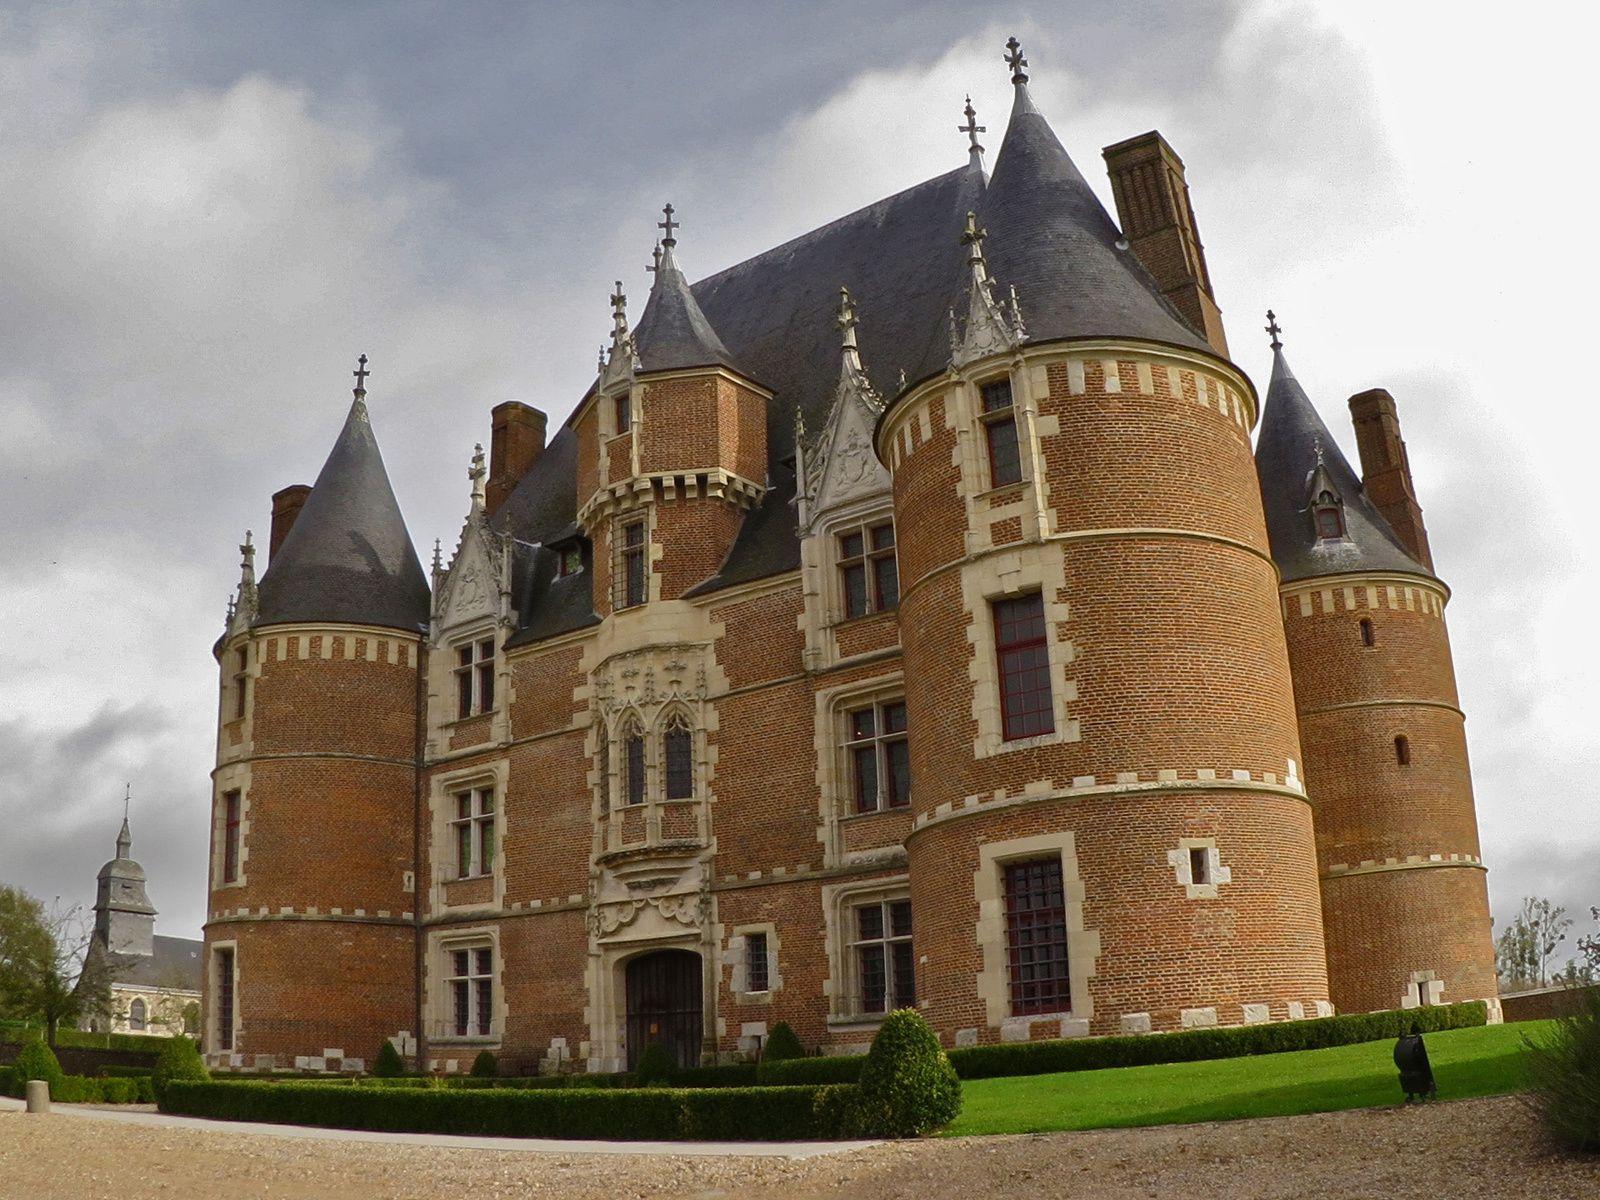 En Normandie, plus d'une dizaine d'édifices du XVIe siècle, tels Auffay, Tilly et Bailleul, se sont plus ou moins inspirés de Martainville. © Photo : Henry SALAMONE